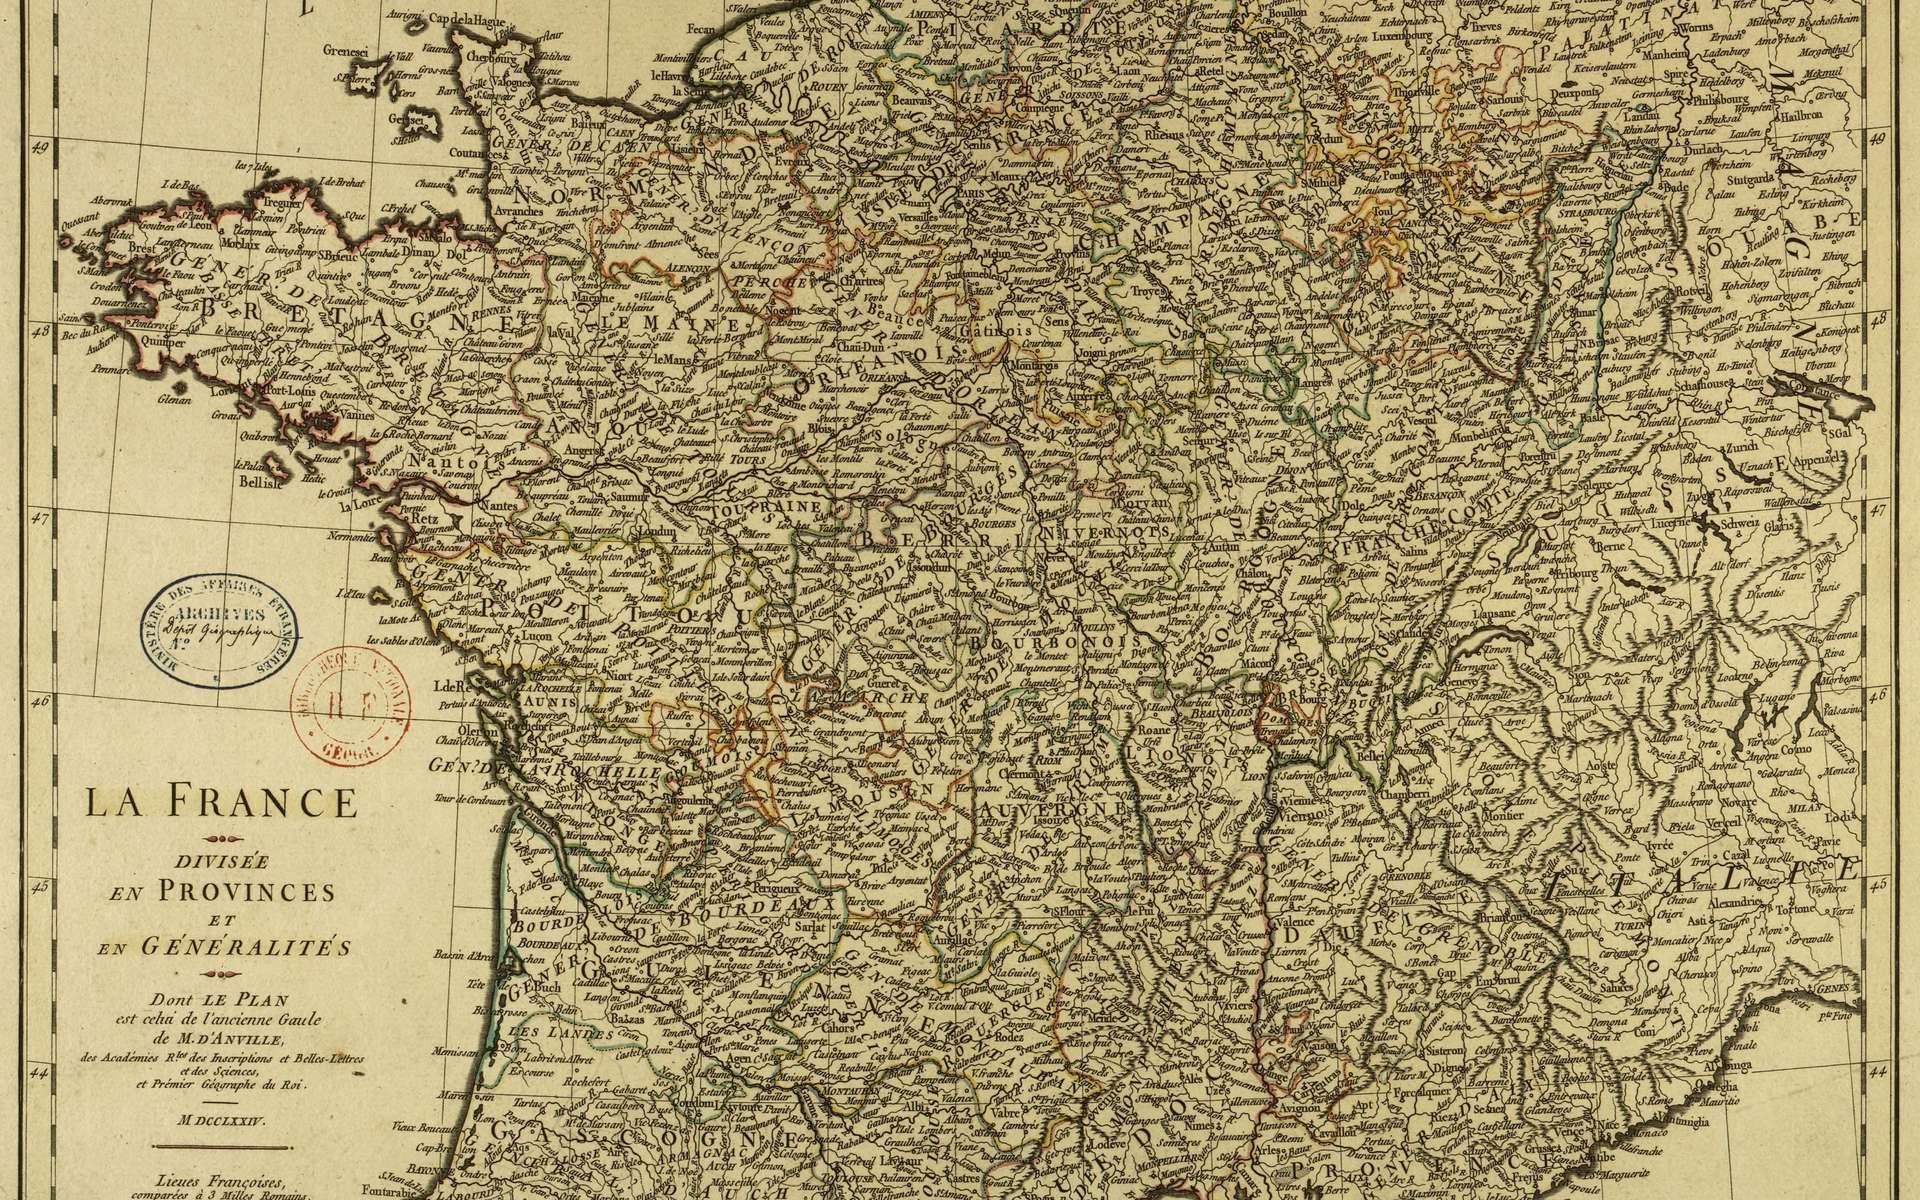 Carte de la France divisée en provinces et en généralités, par J. B. Bourguignon d'Anville, en 1774. Bibliothèque nationale de France. © gallica.bnf.fr, BnF